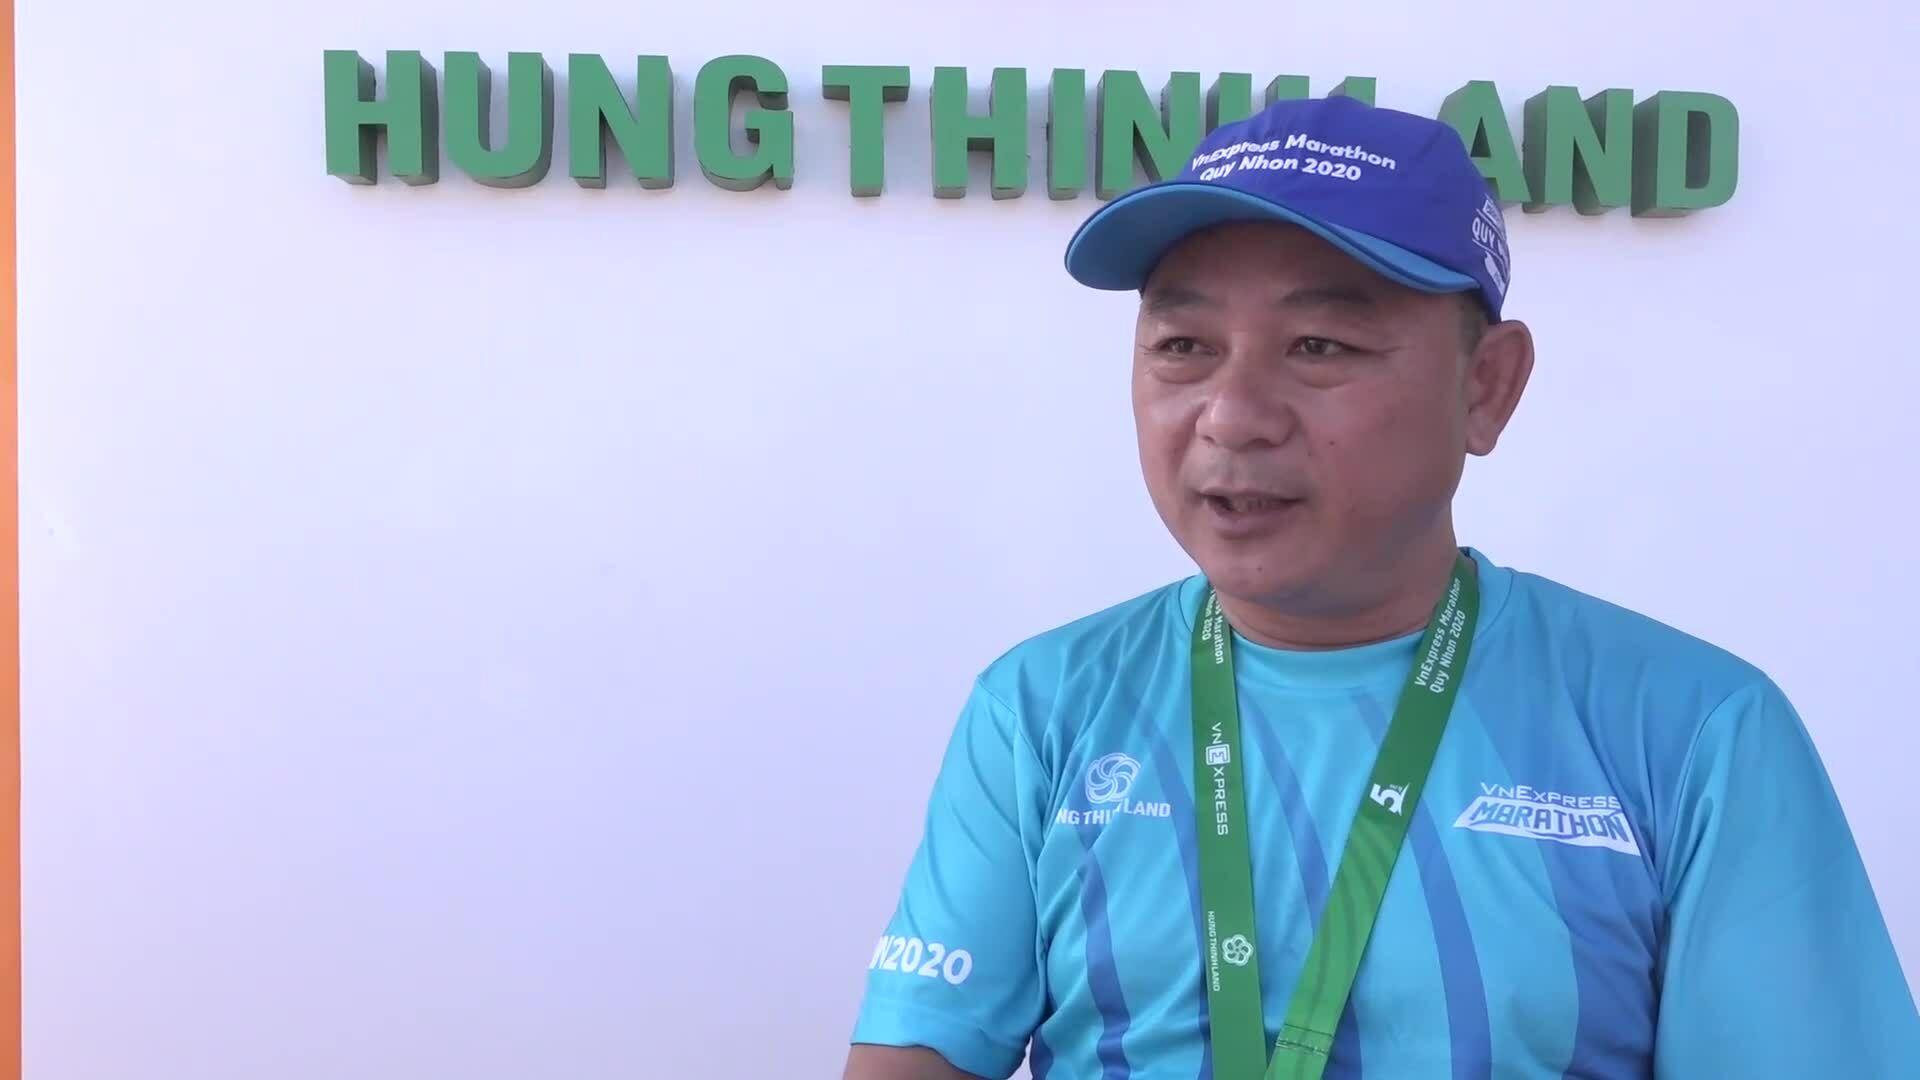 Phỏng vấn Hưng Thịnh